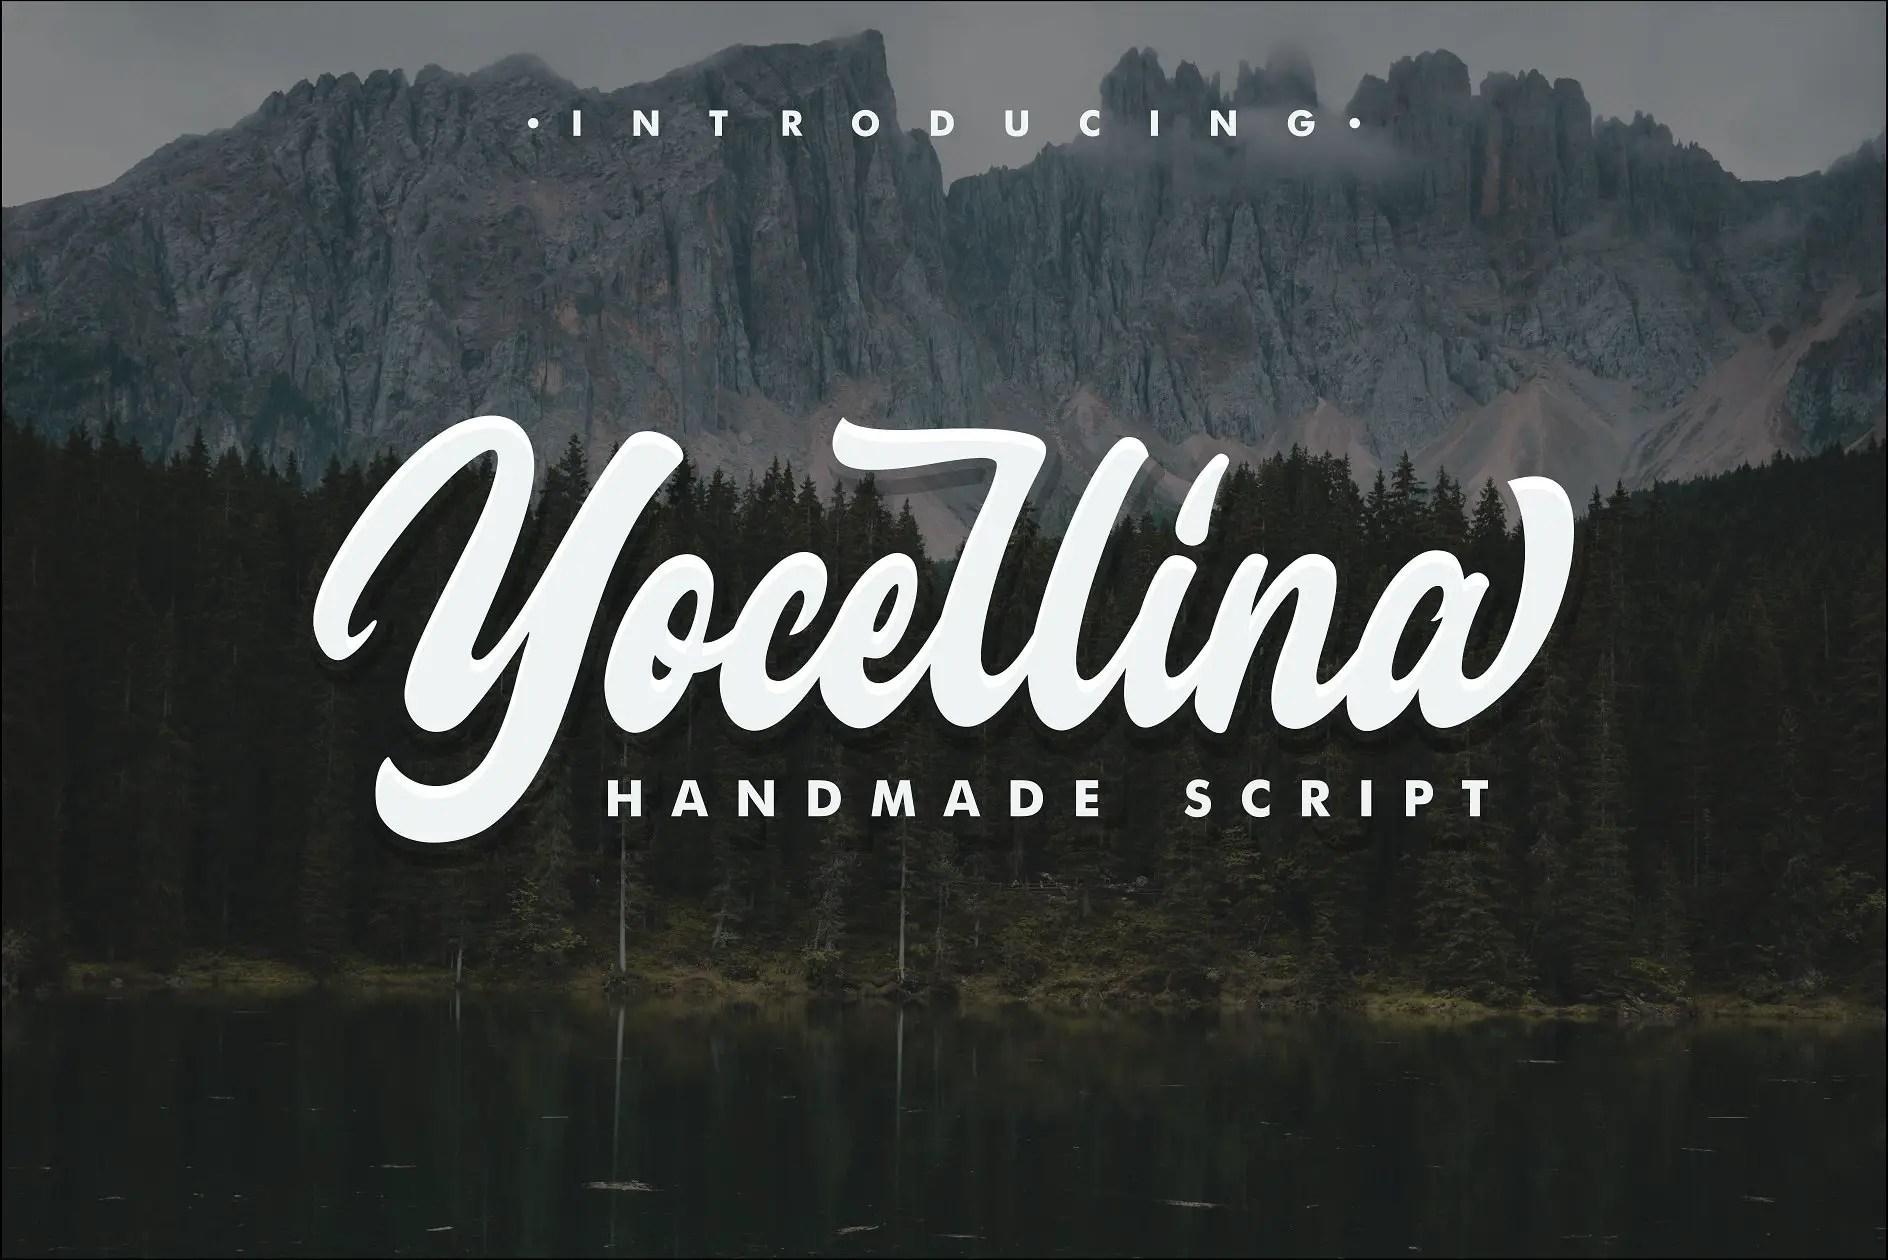 yocellina-script-font